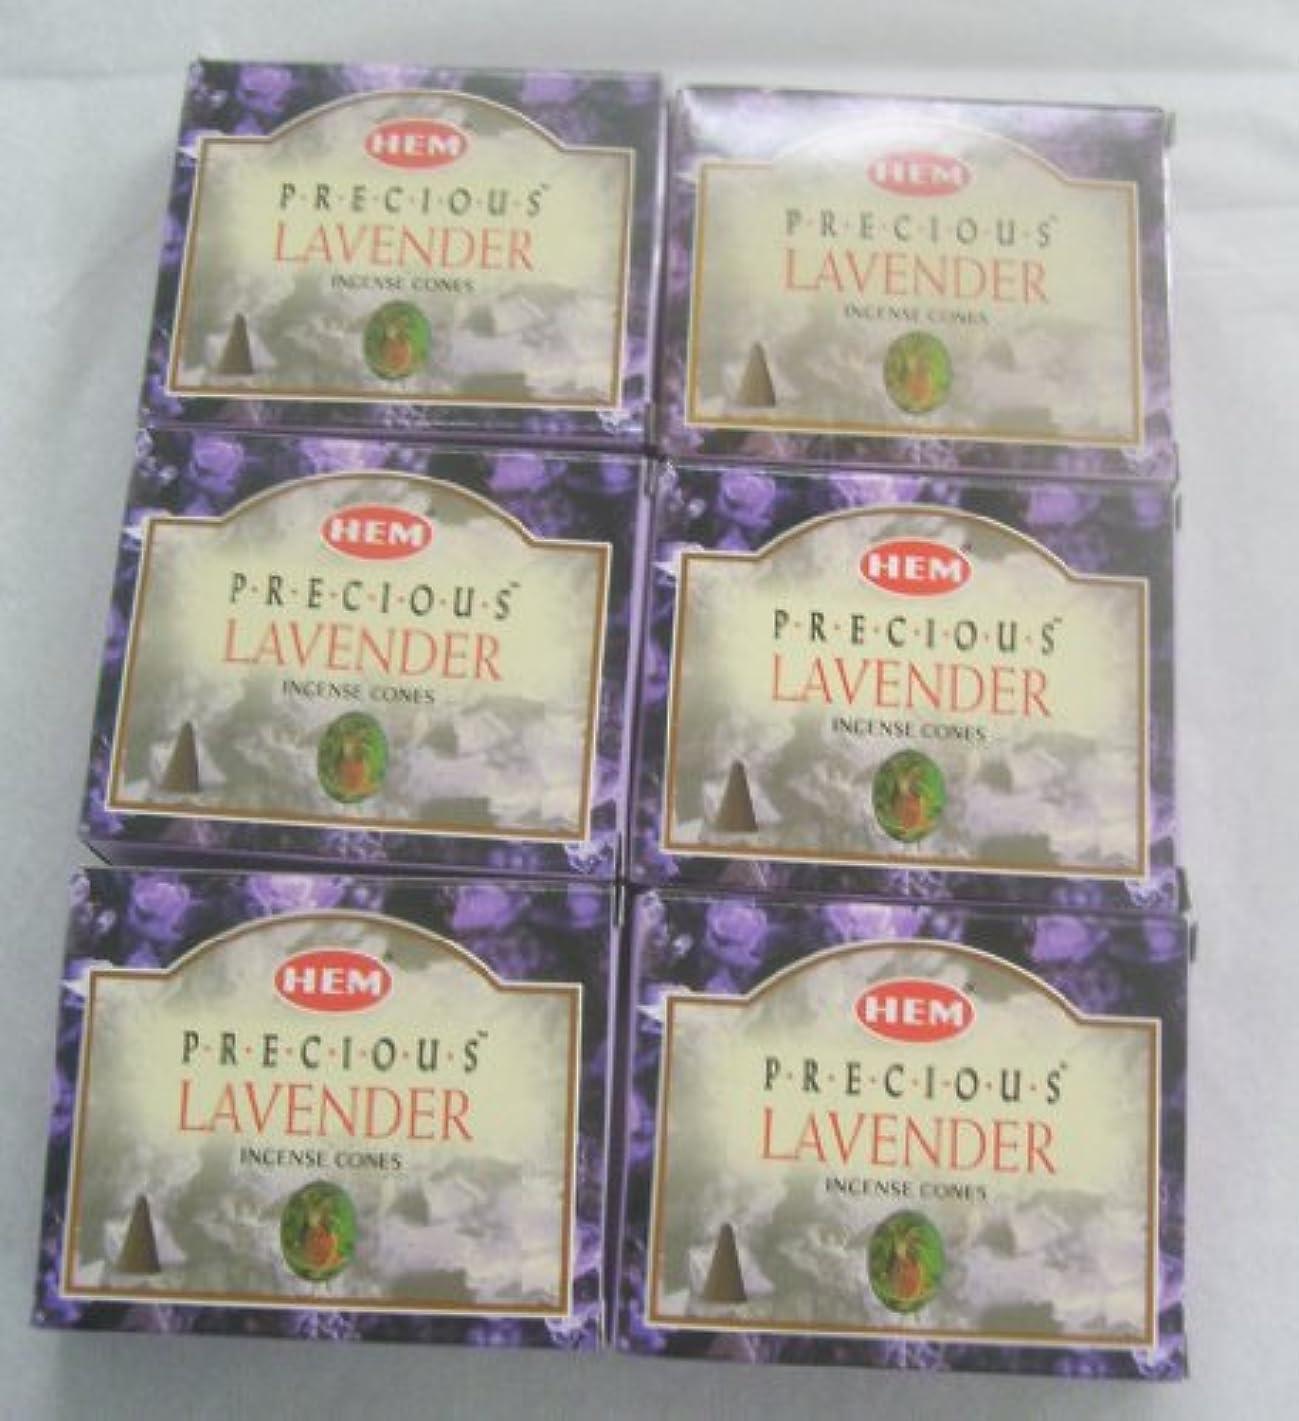 ハイキング小道指定Hem Precious Lavender Incense Cones、6パックの10 Cones = 60 Cones